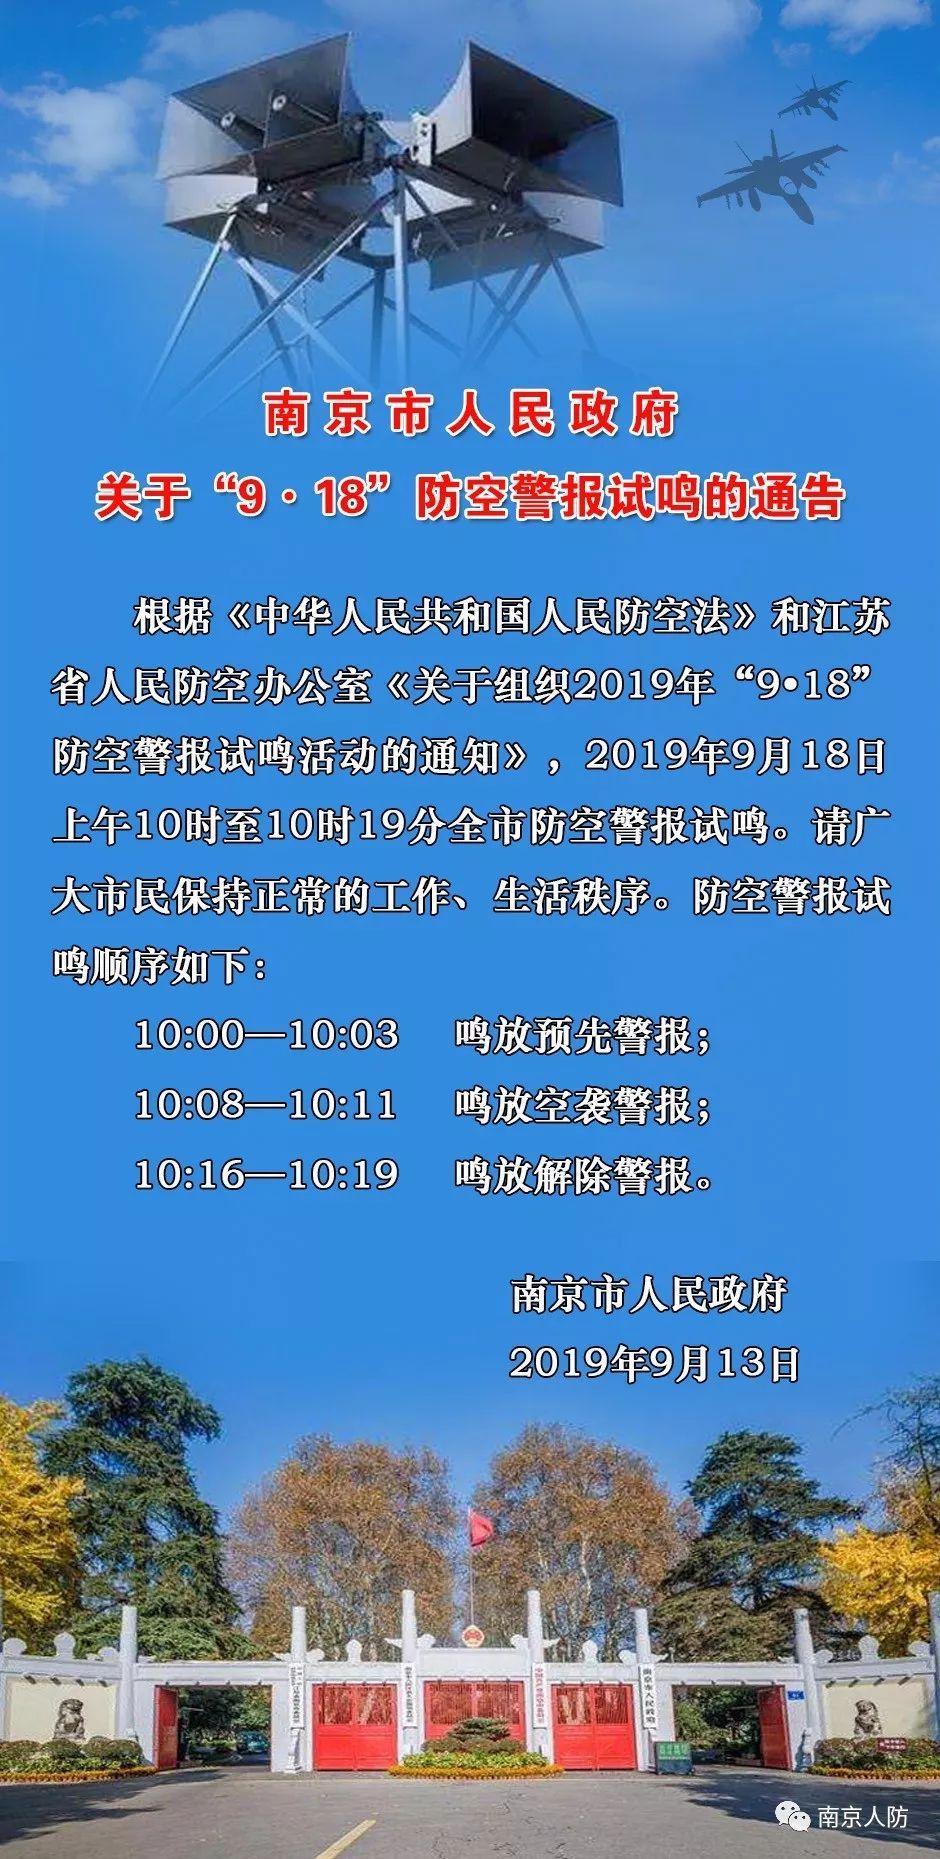 南京将于9月18日试鸣防空警报